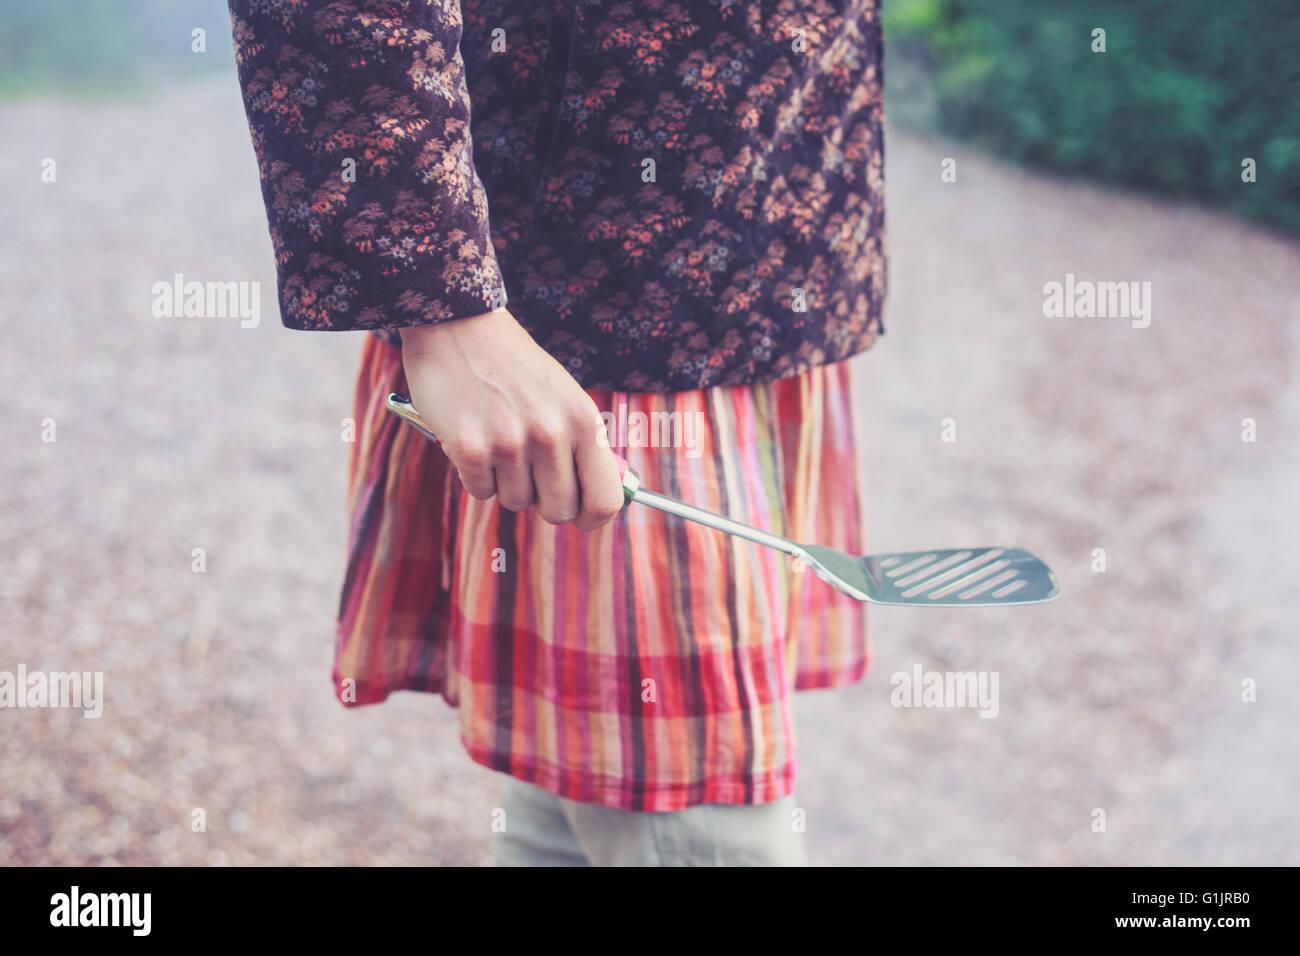 Eine junge Frau ist draußen und hält einen Spatel Stockbild